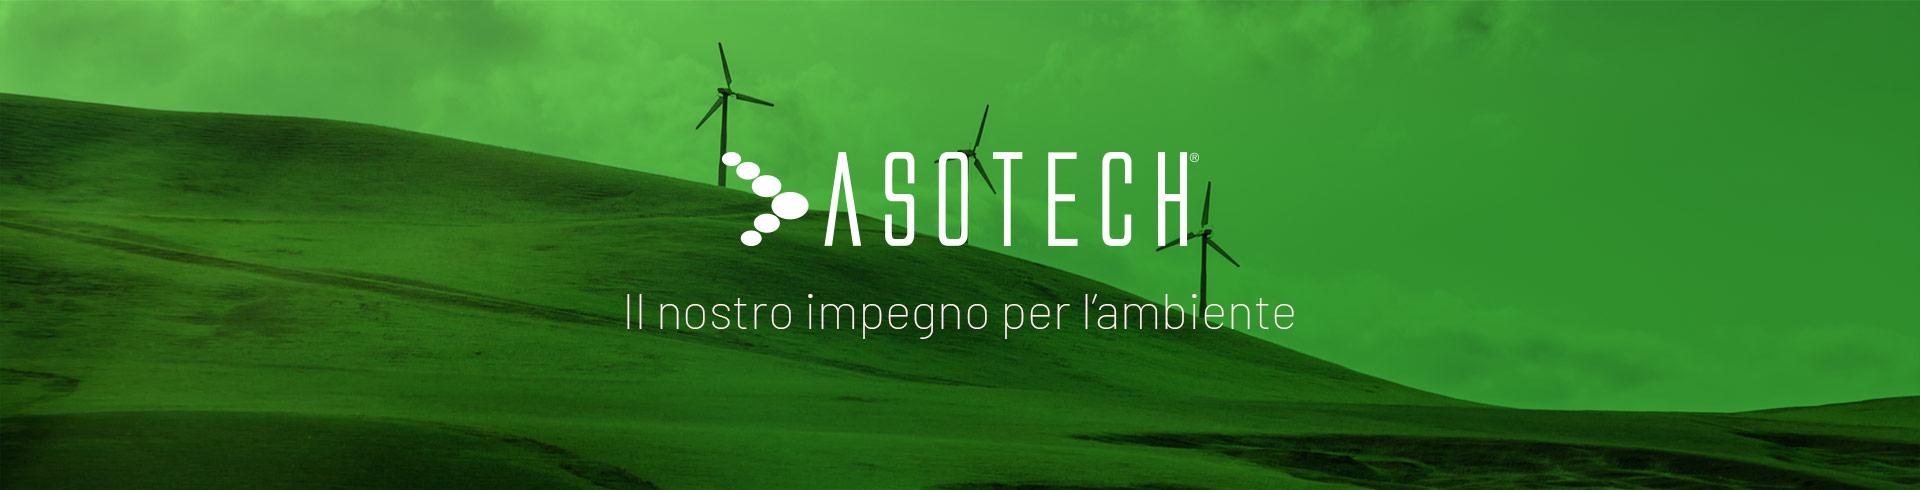 Asotech per l'ambiente